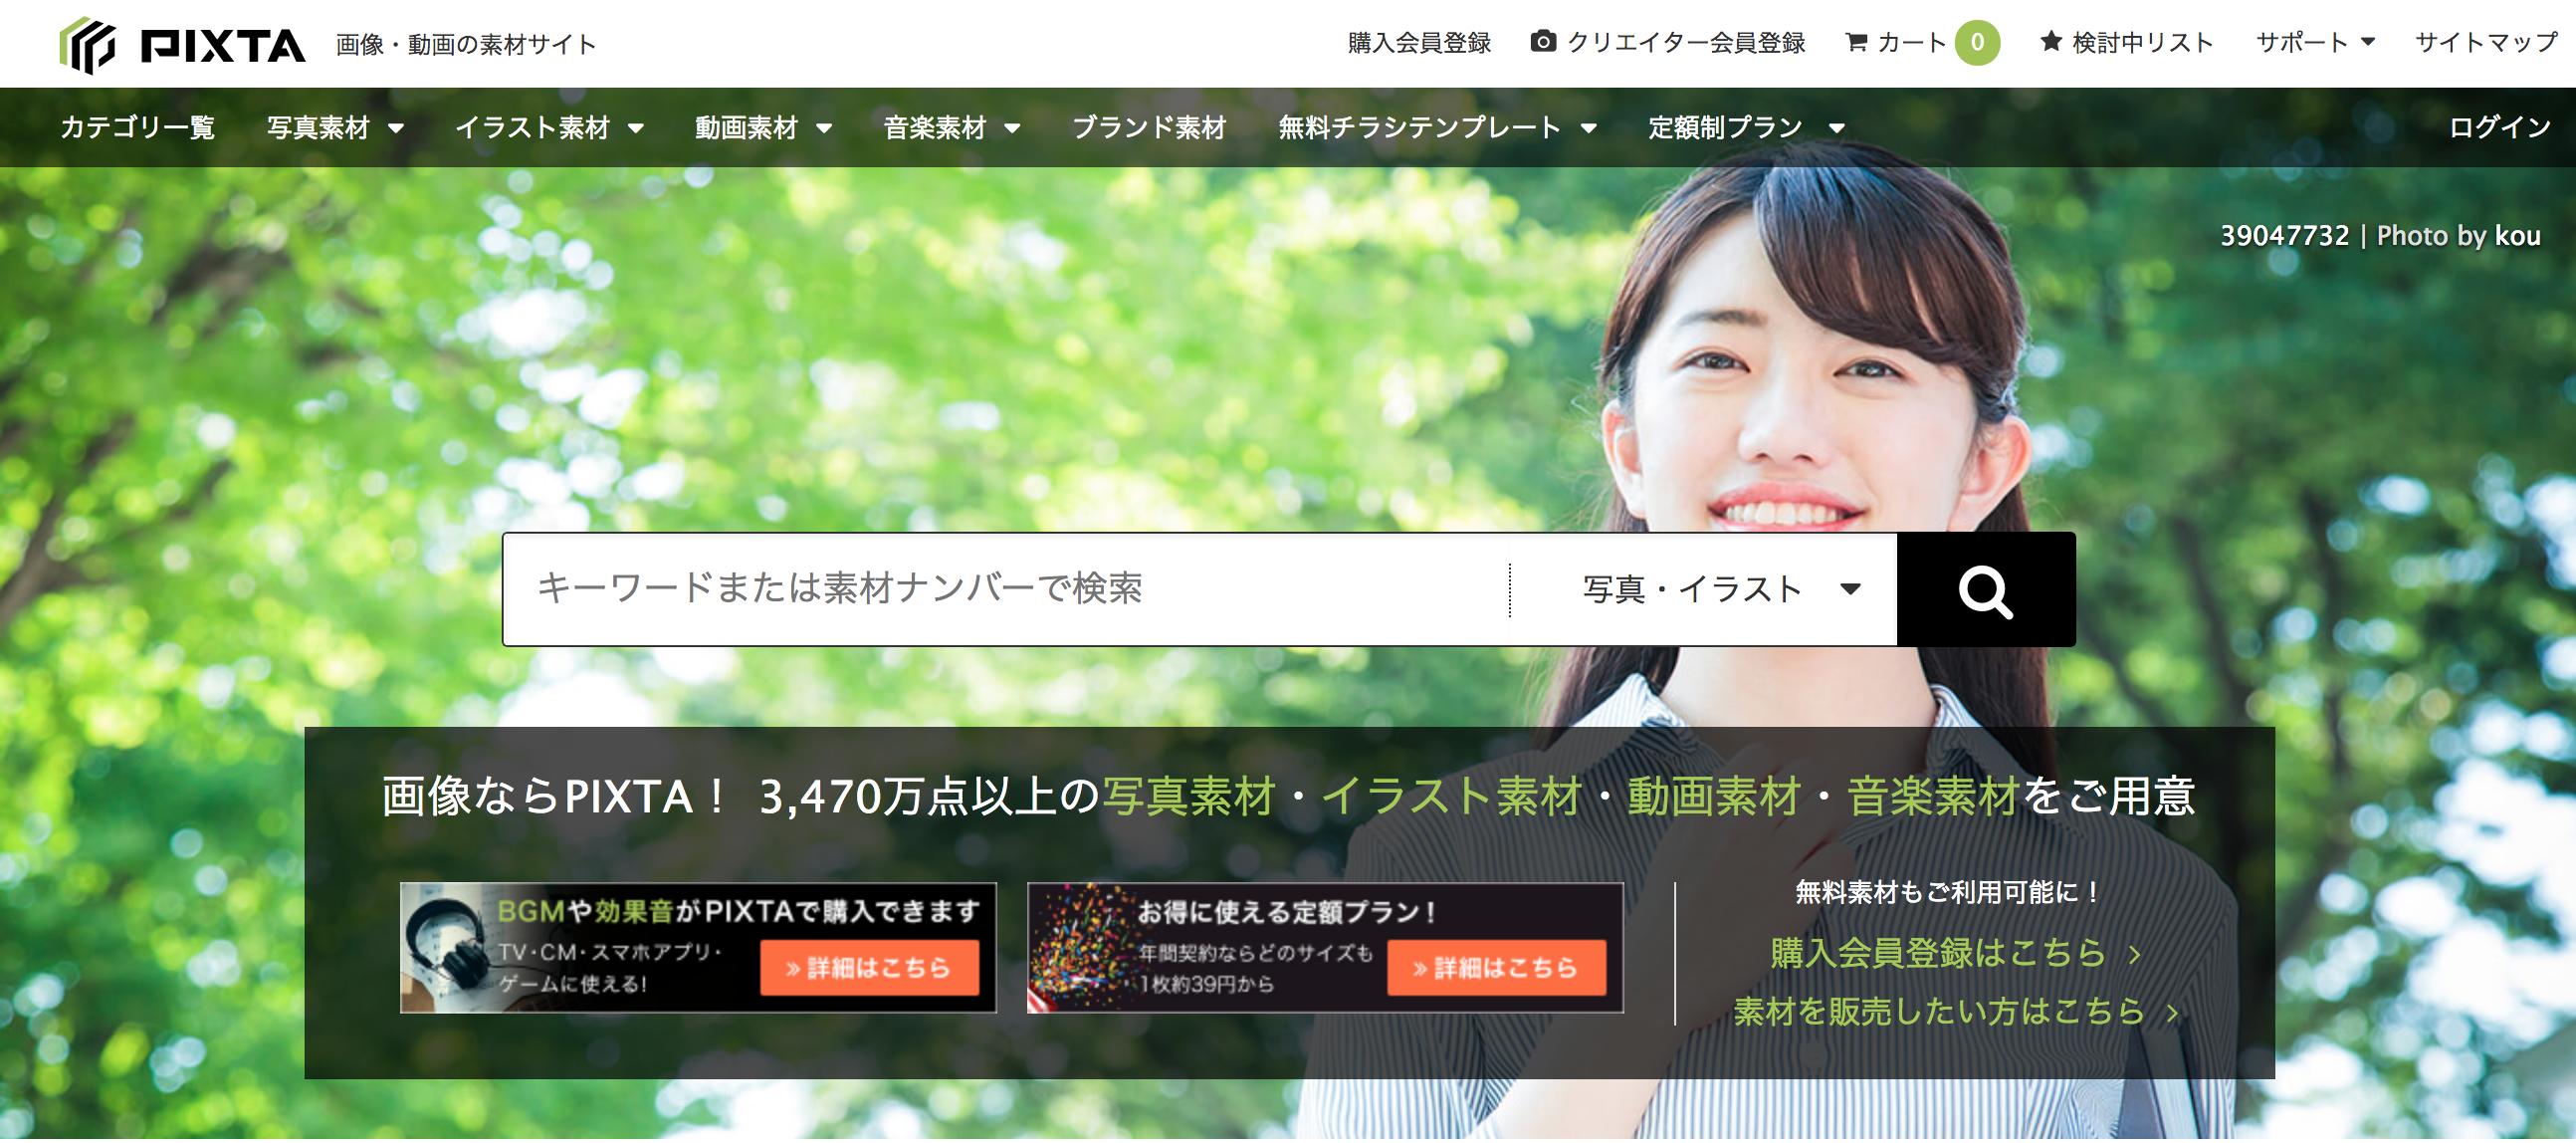 PIXTA ホームページ